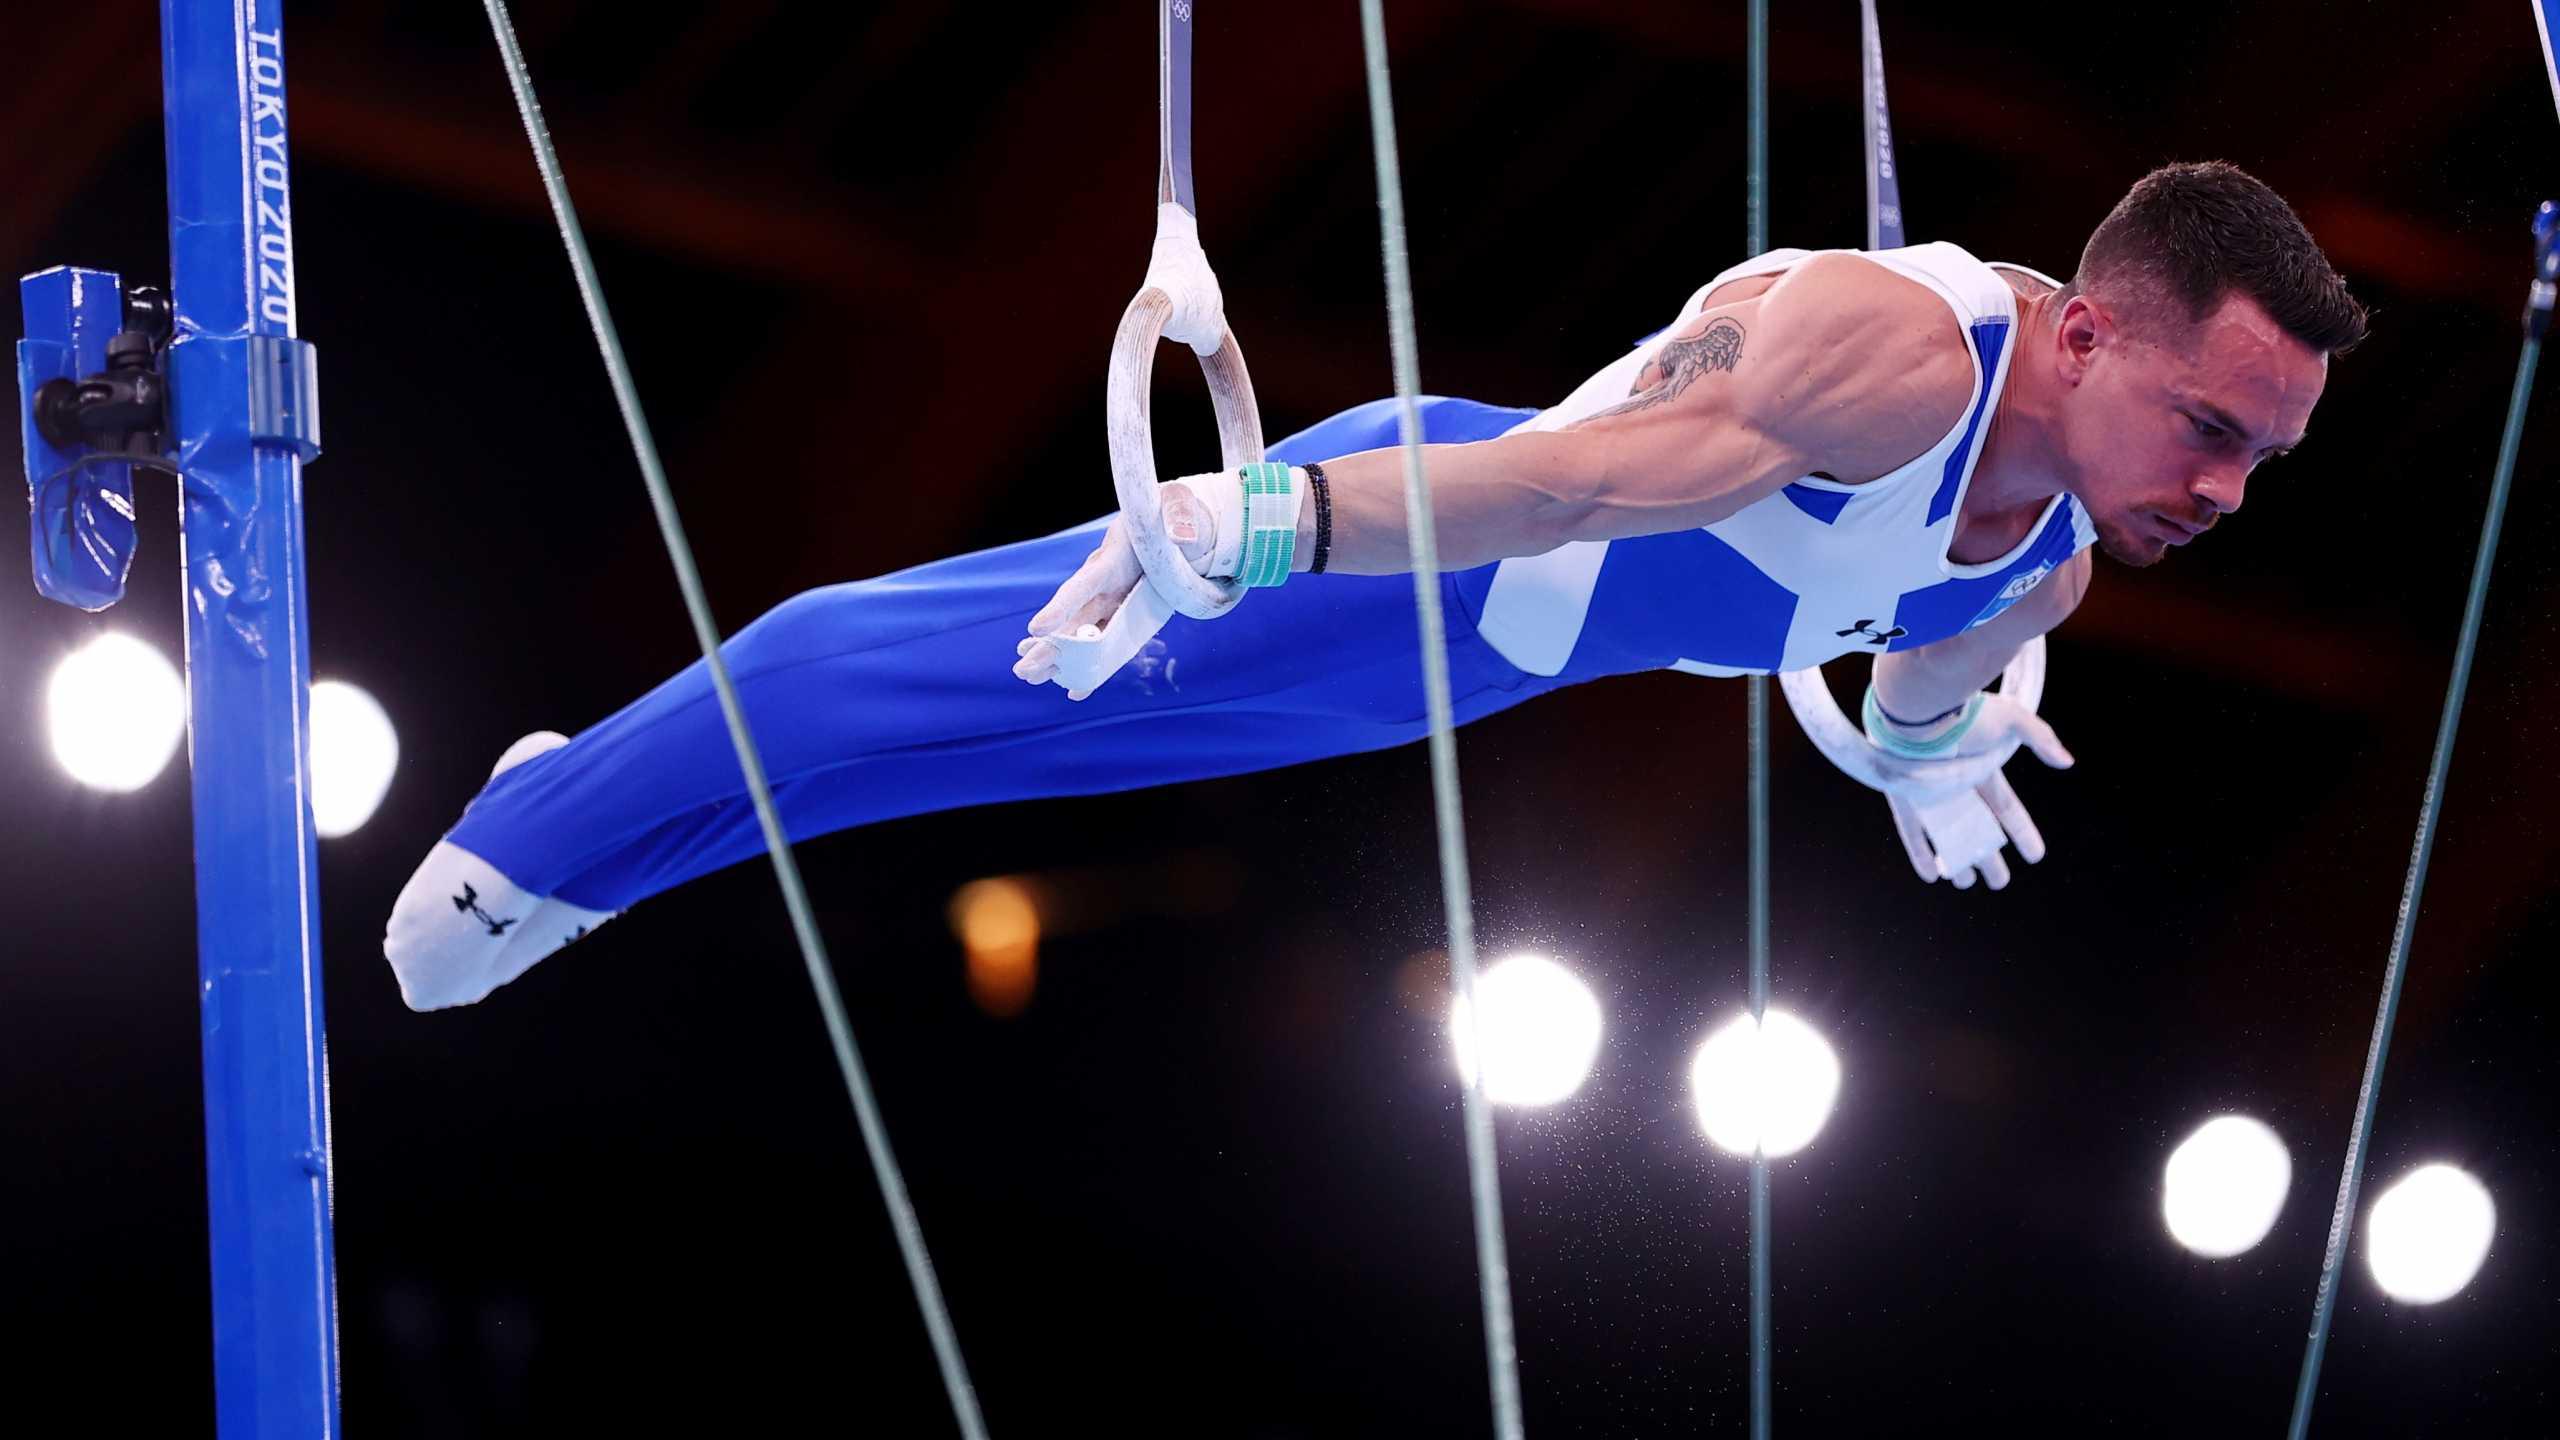 Λευτέρης Πετρούνιας: Το πρόγραμμα του Έλληνα ολυμπιονίκη που του έδωσε το χάλκινο μετάλλιο στους Ολυμπιακούς Αγώνες